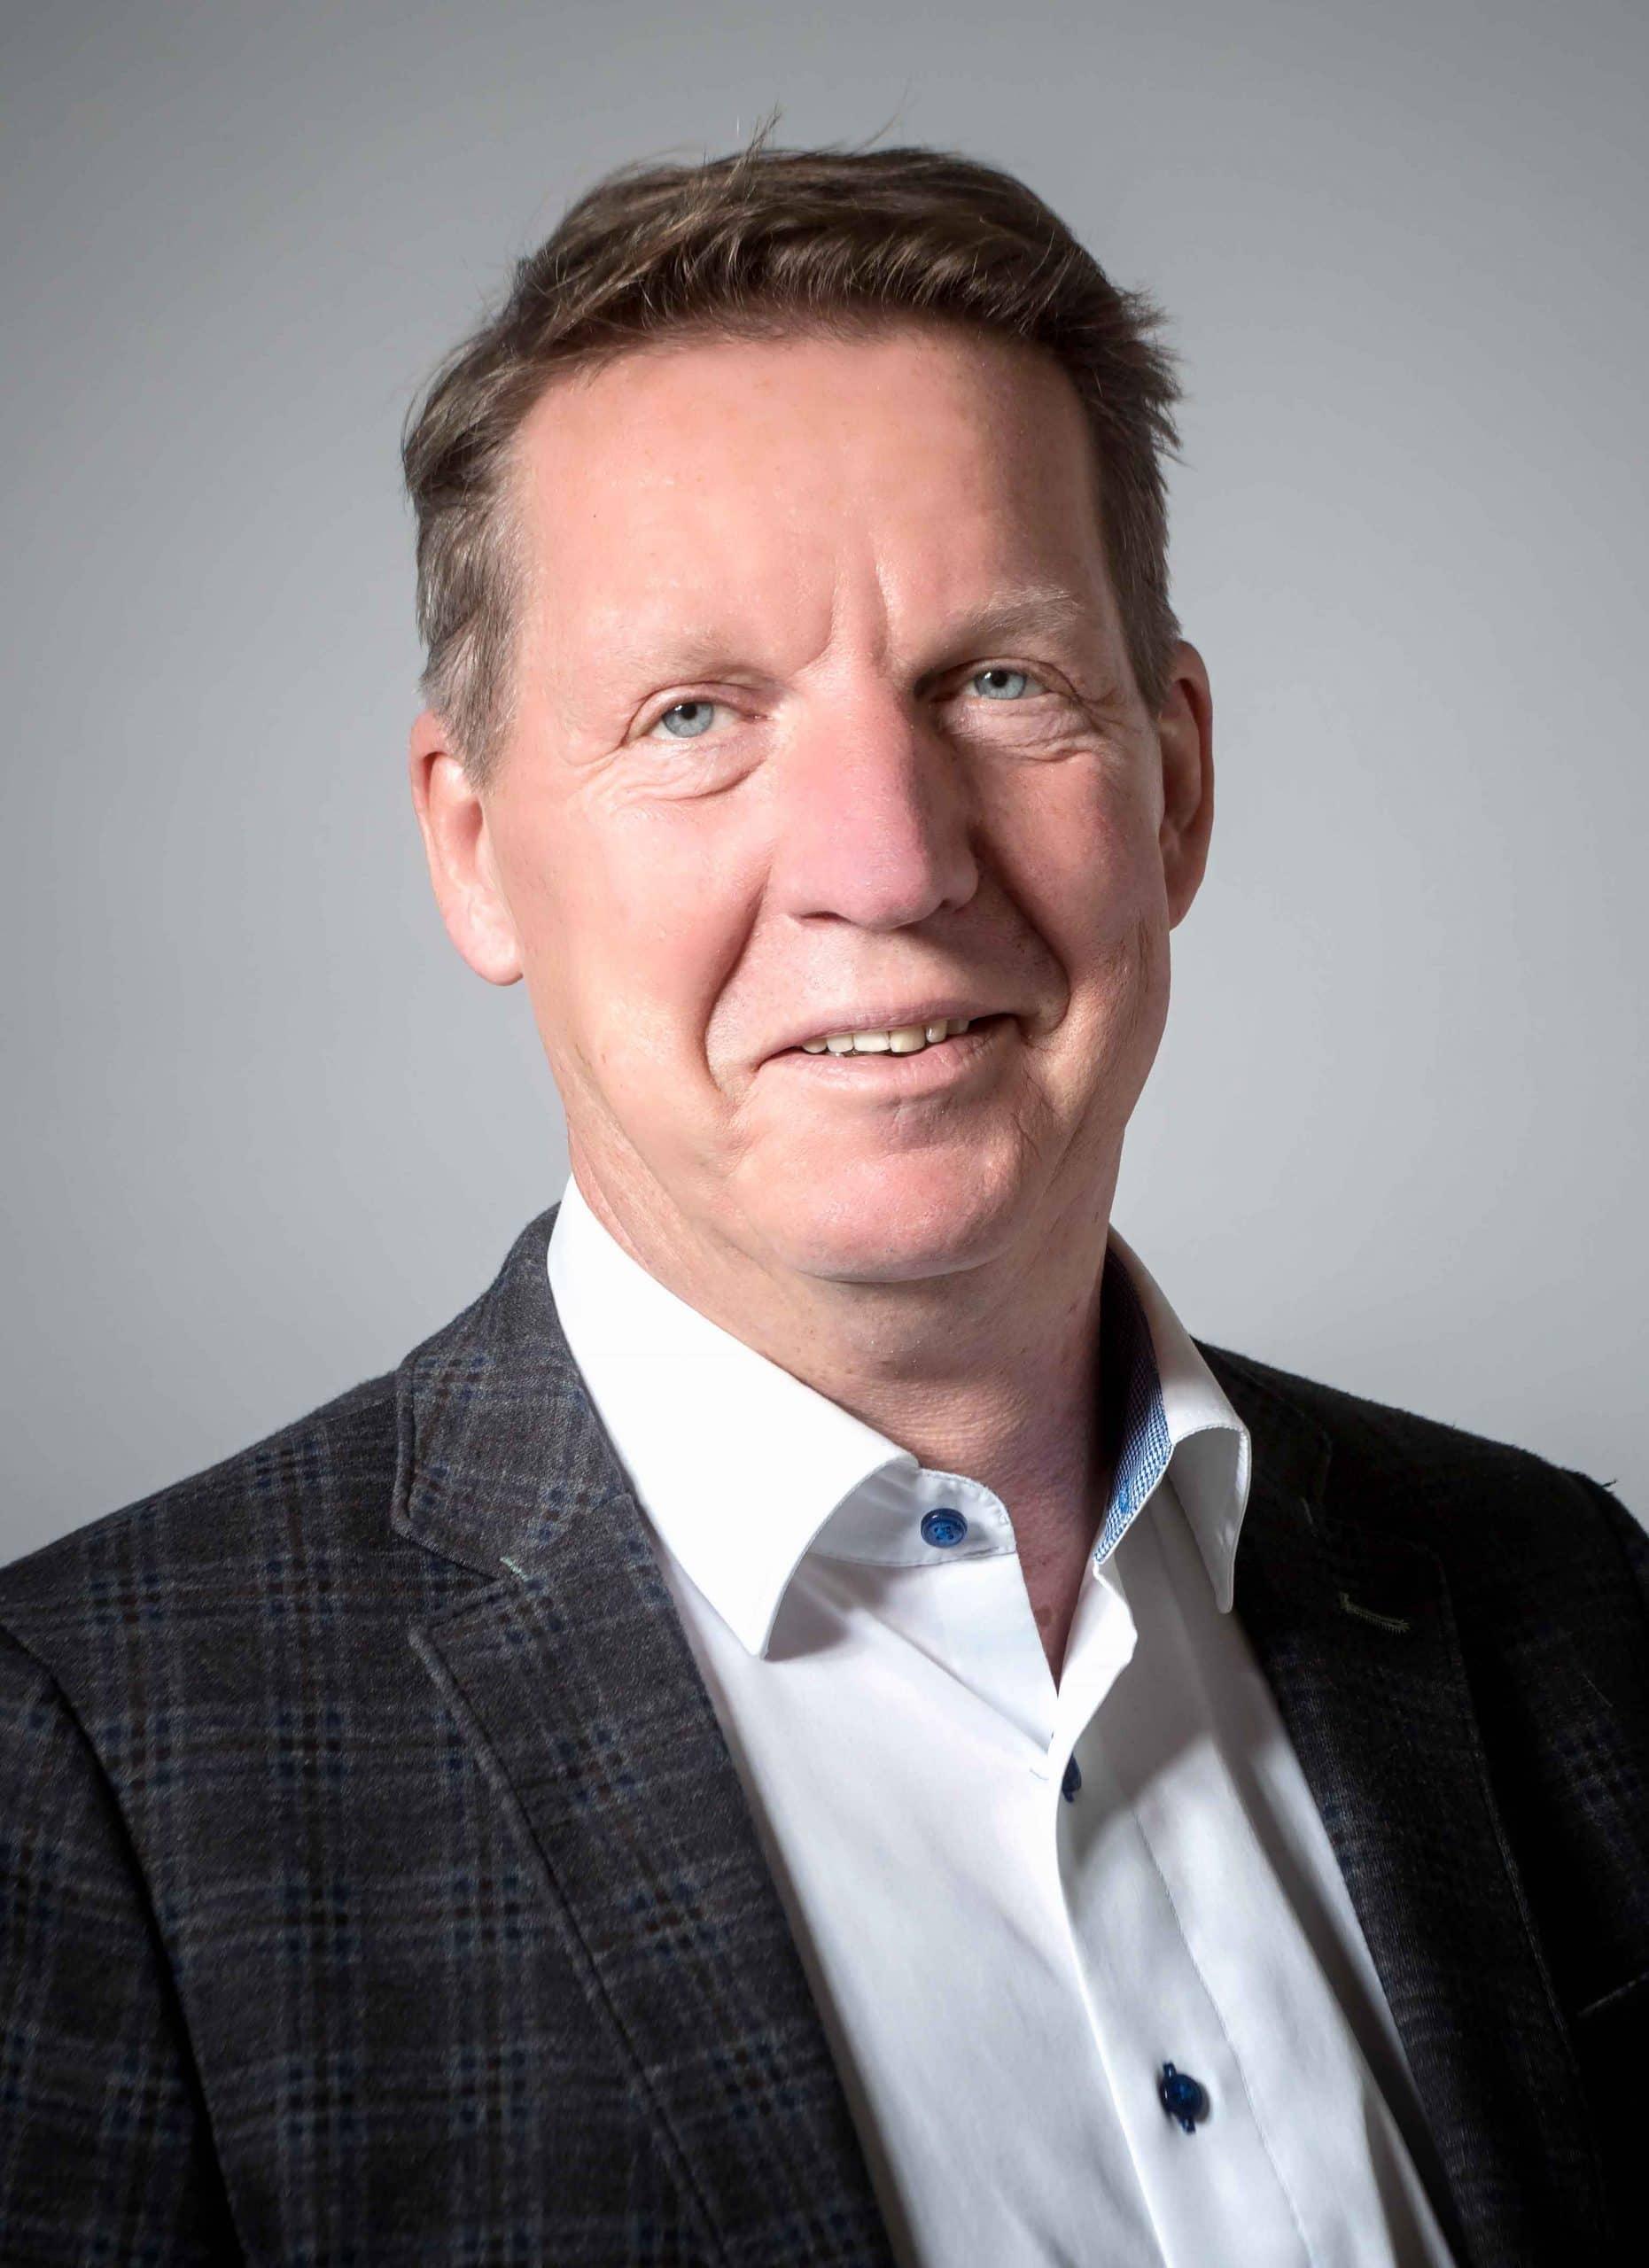 Jurgen Aarts directeur Cygnus bedrijfsadviseurs & financieringsspecialisten